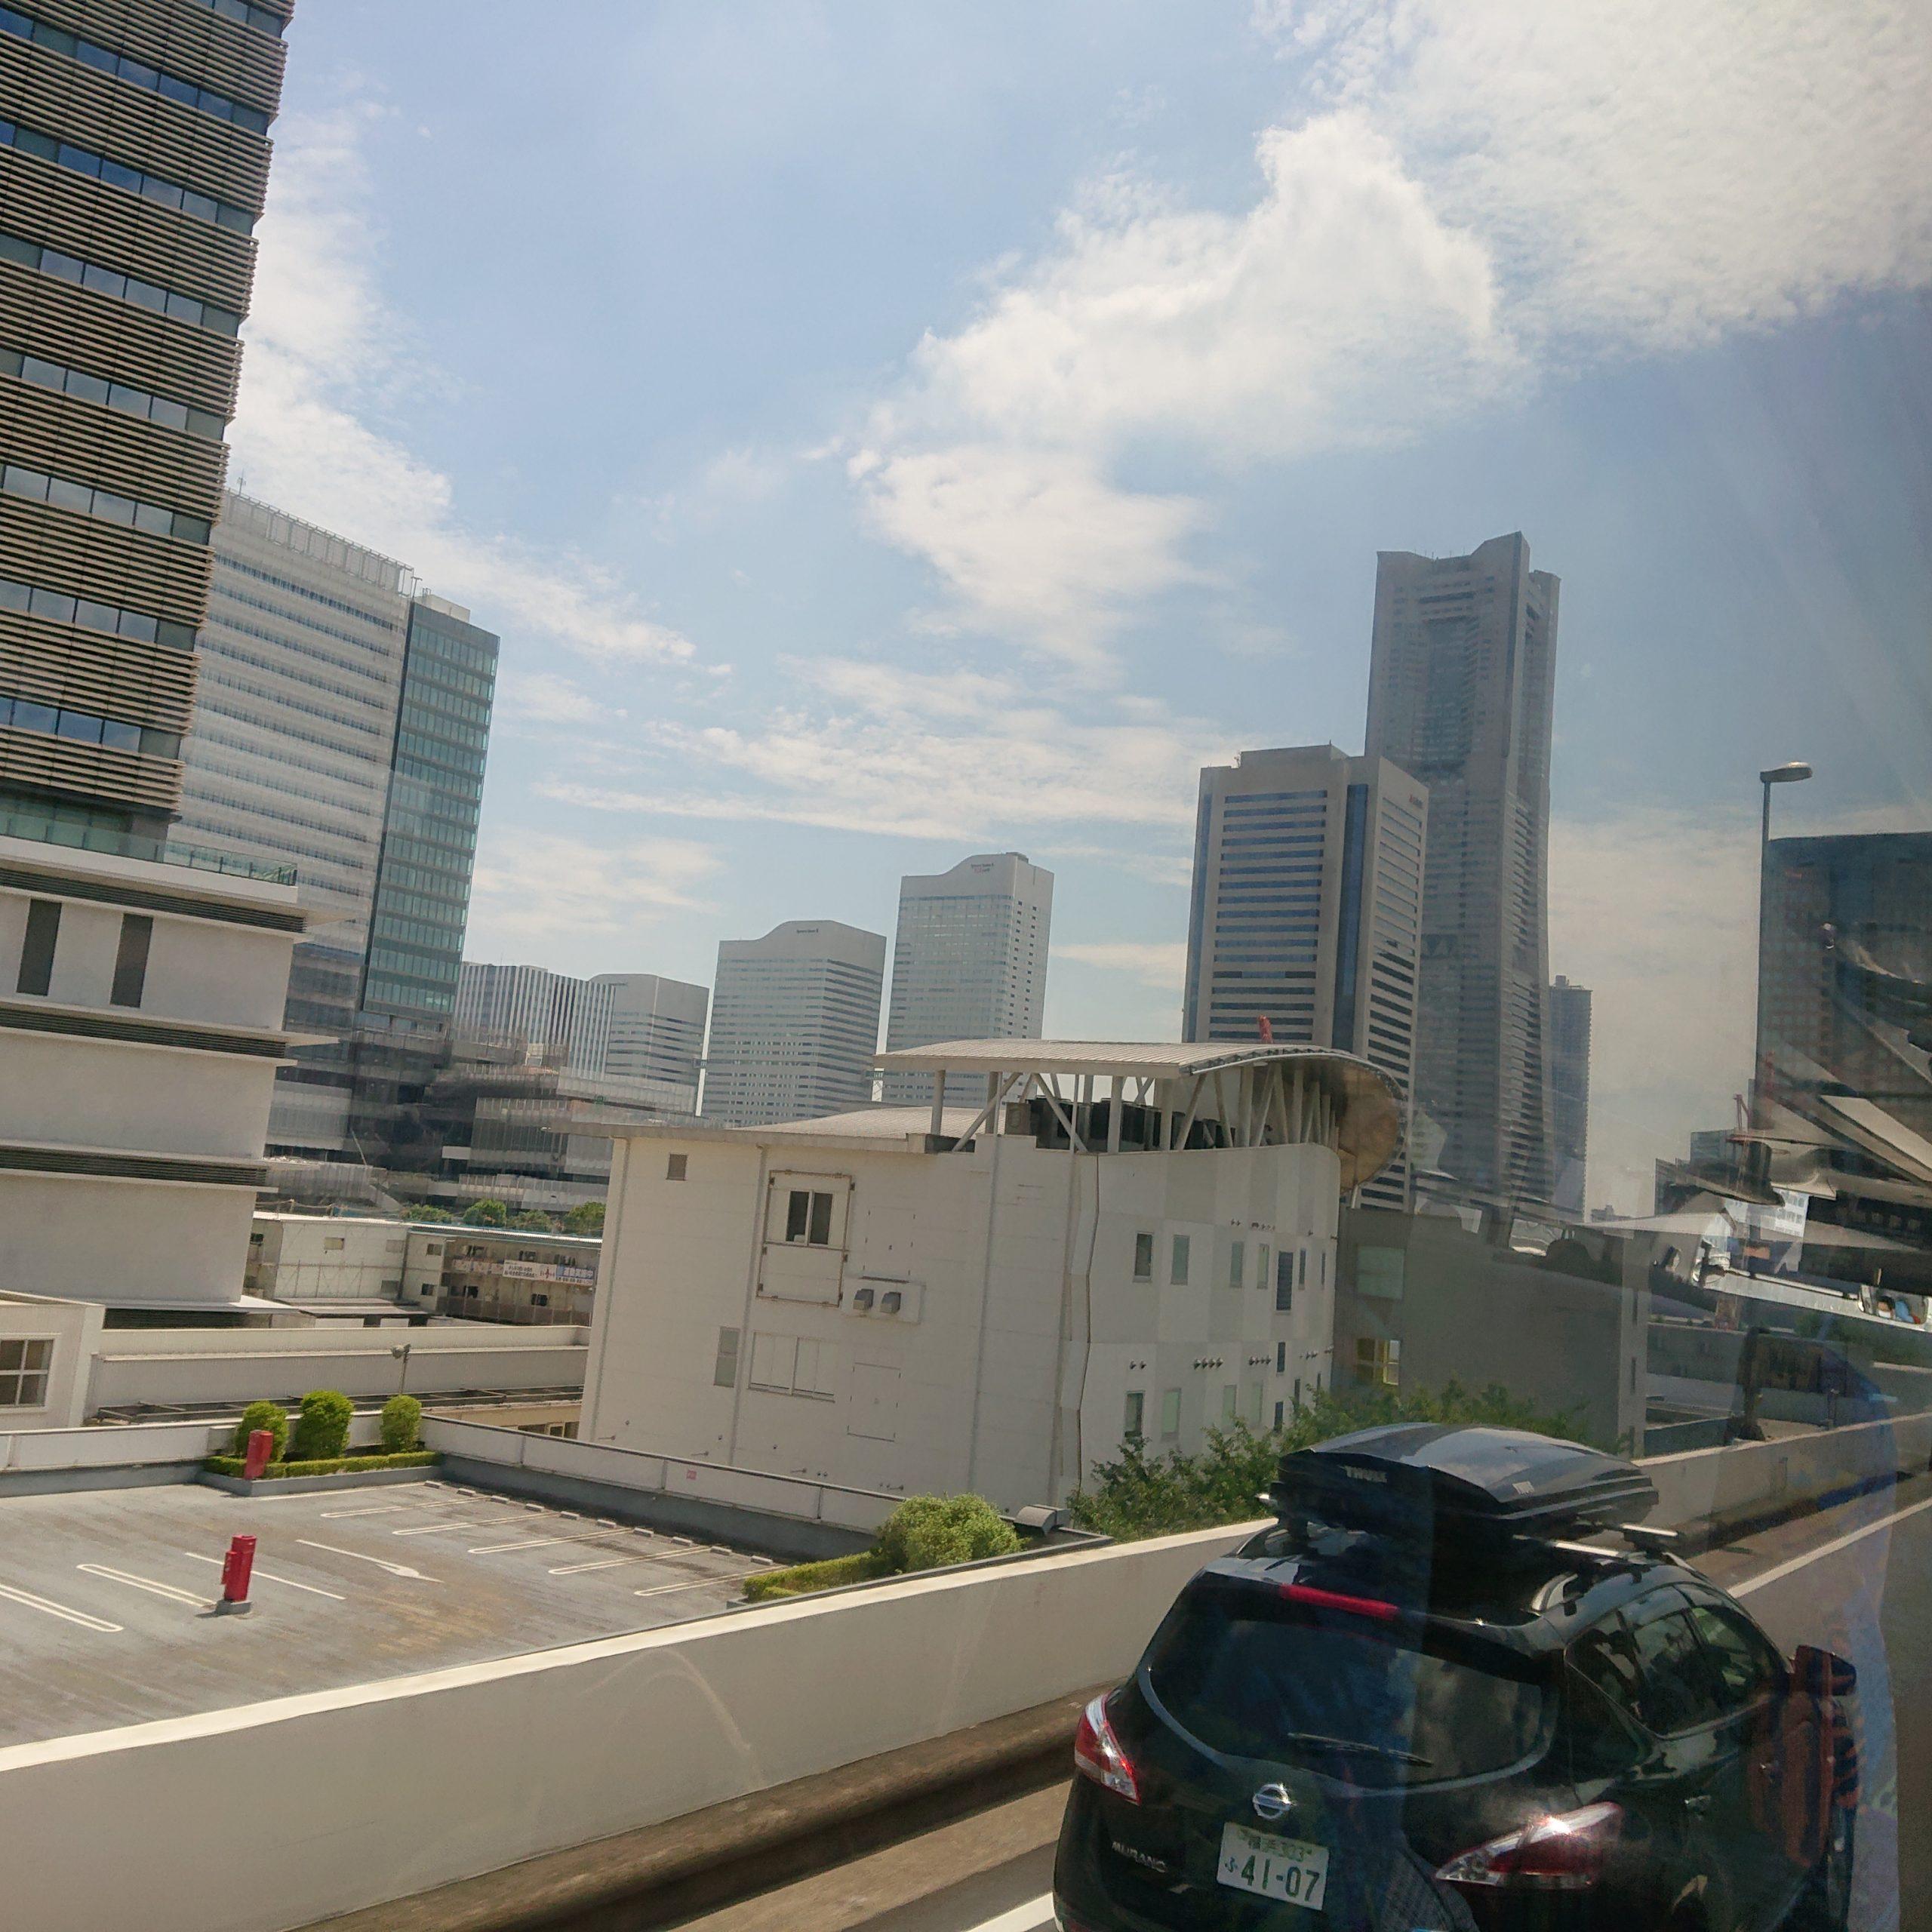 バスの車窓から見えるランドマーク